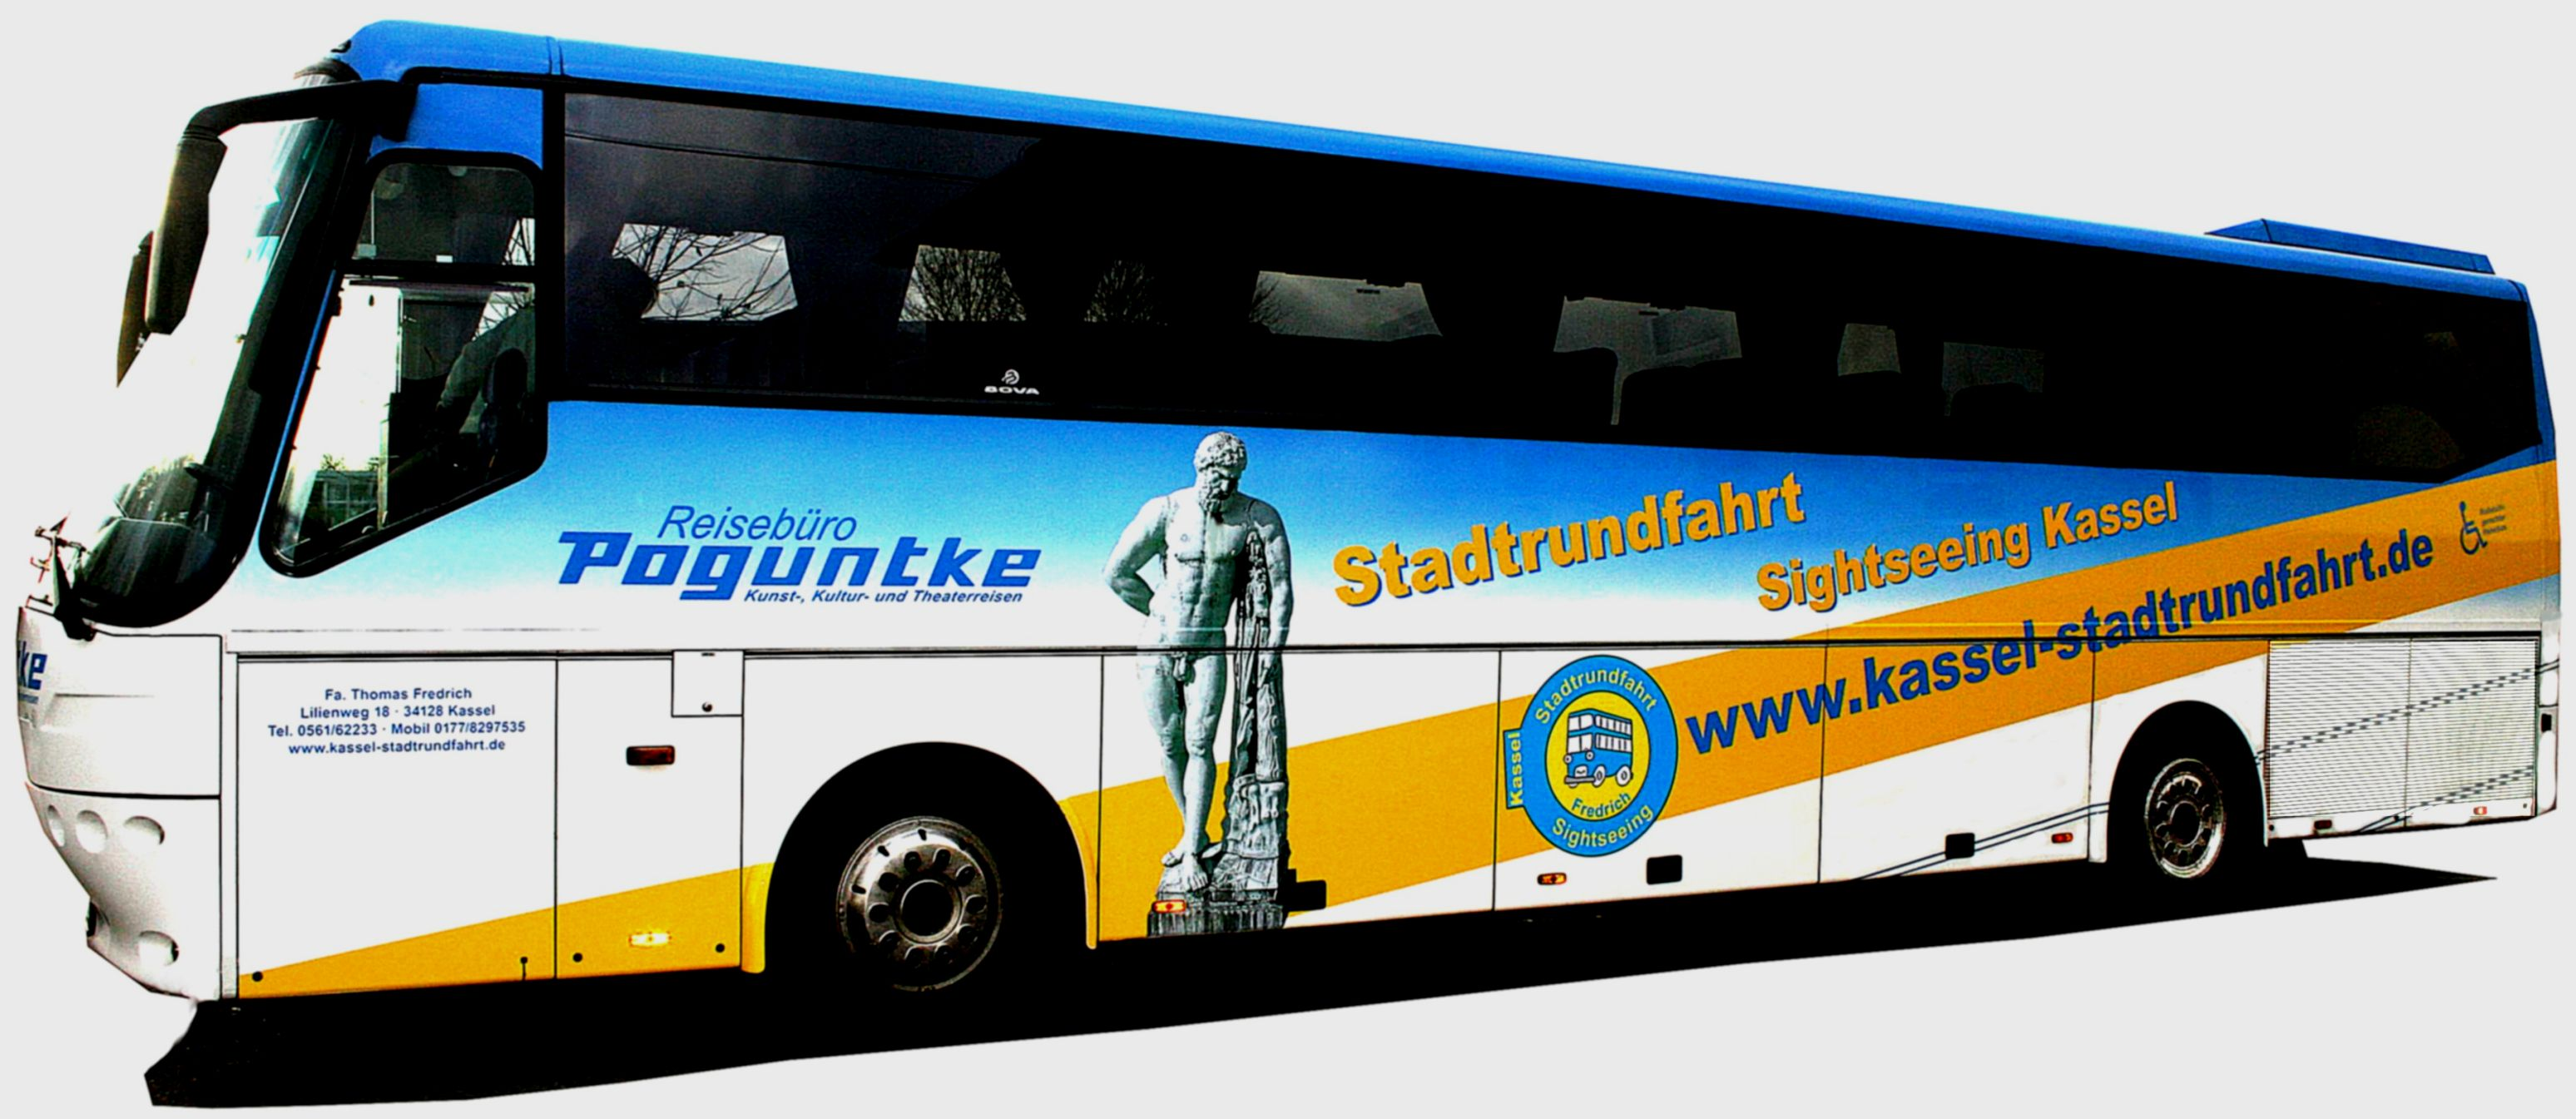 Kassel Stadtrundfahrt und Reisebüro